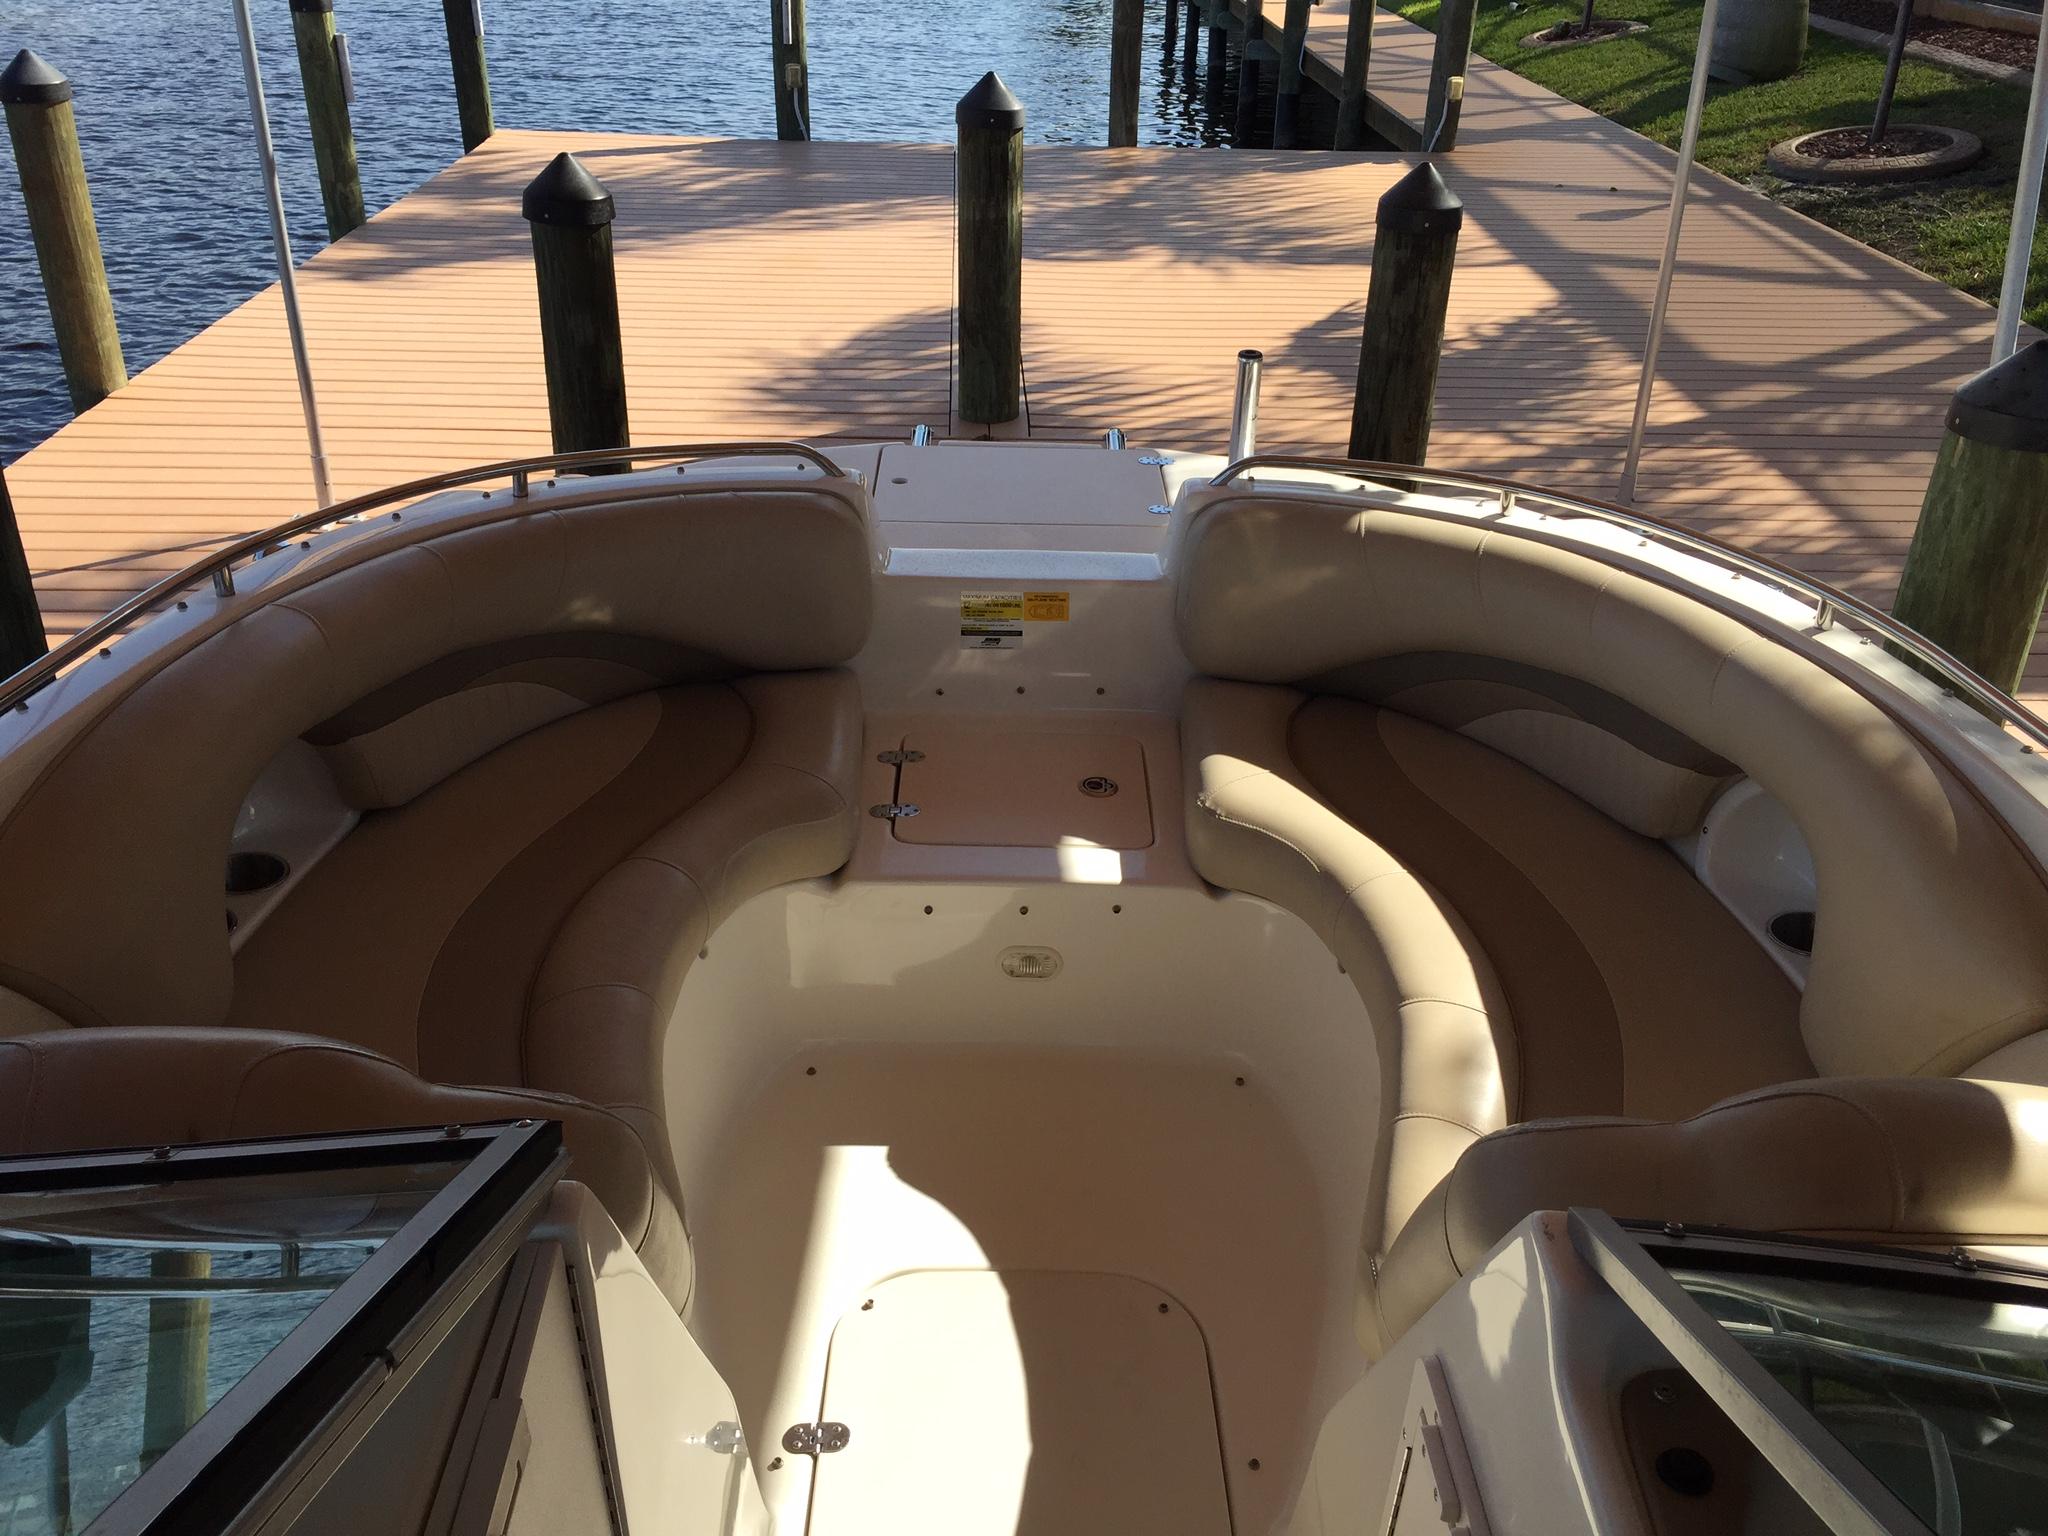 Boote mieten in SW-Florida, bei Wischis Florida Home. Mieten Sie ihr Boot in Cape Coral